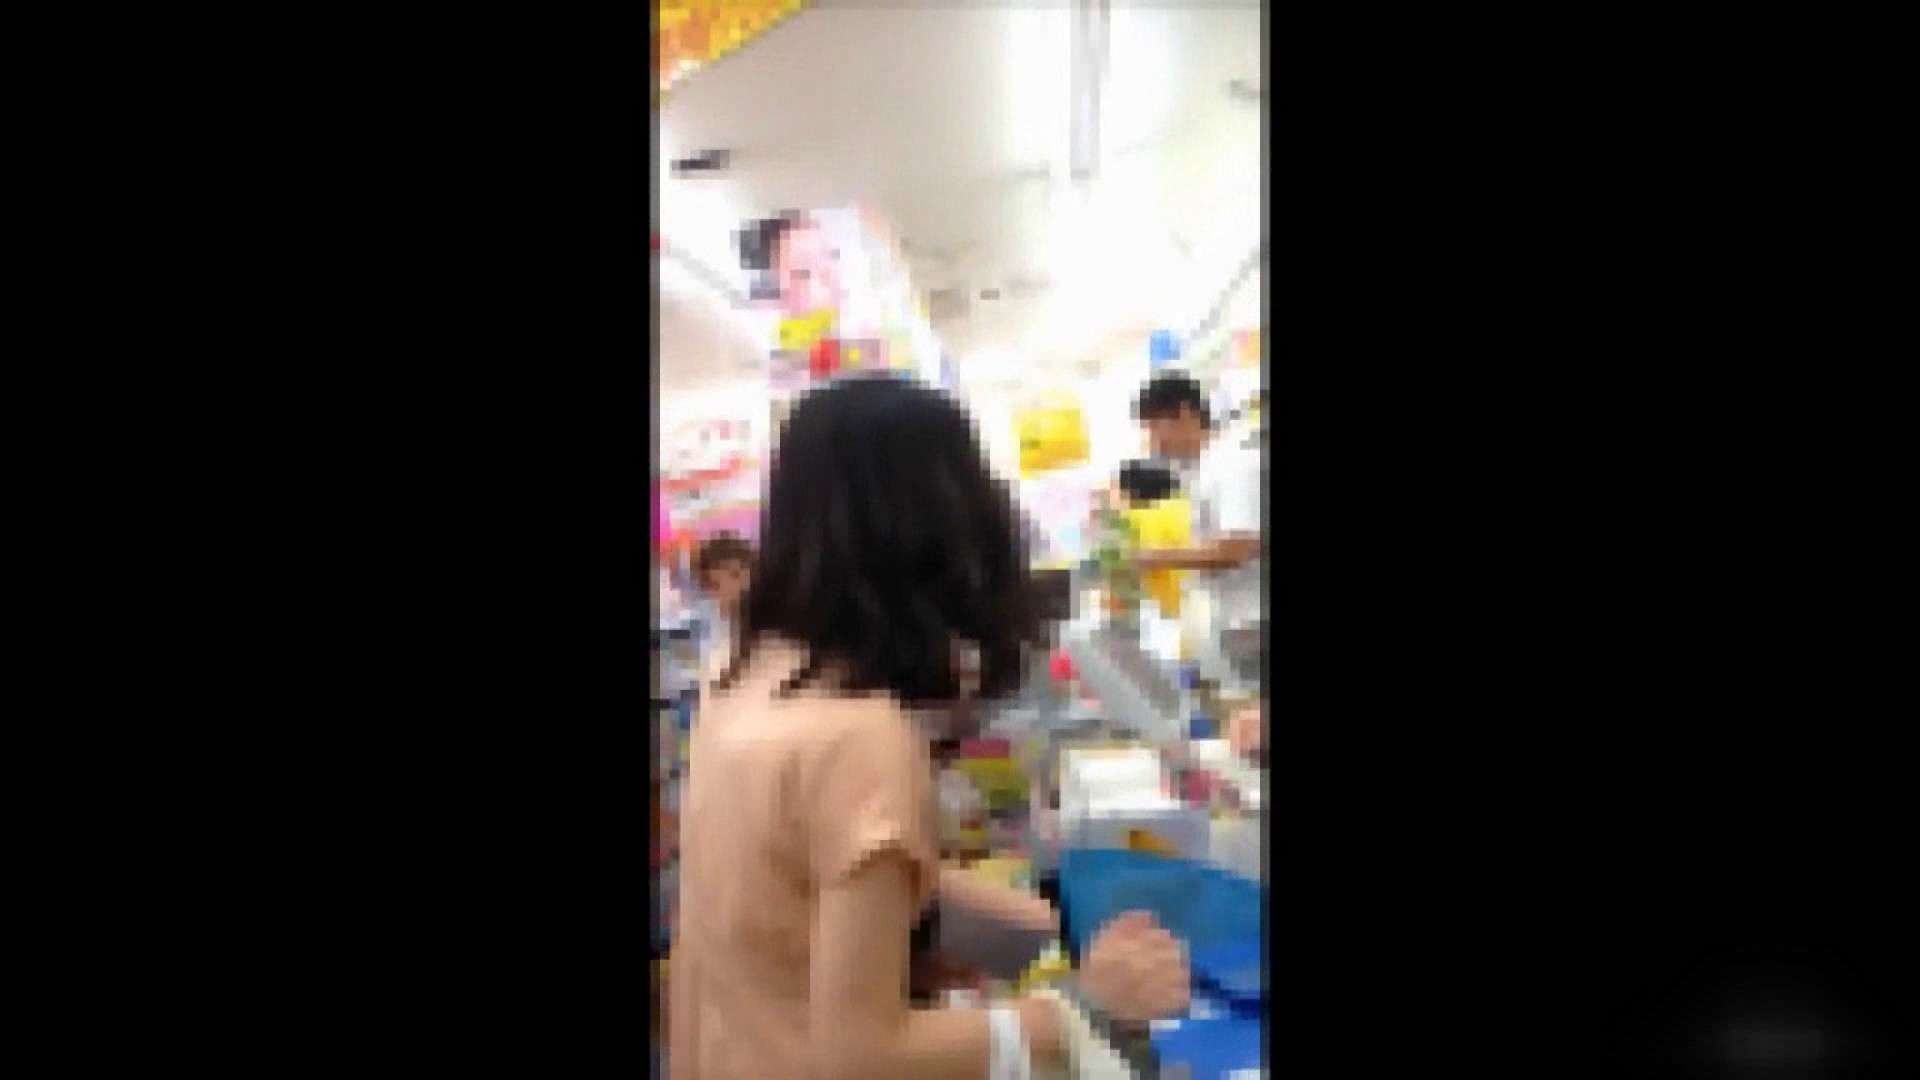 ガールズパンチラストリートビューVol.009 OLセックス 盗撮セックス無修正動画無料 105画像 46